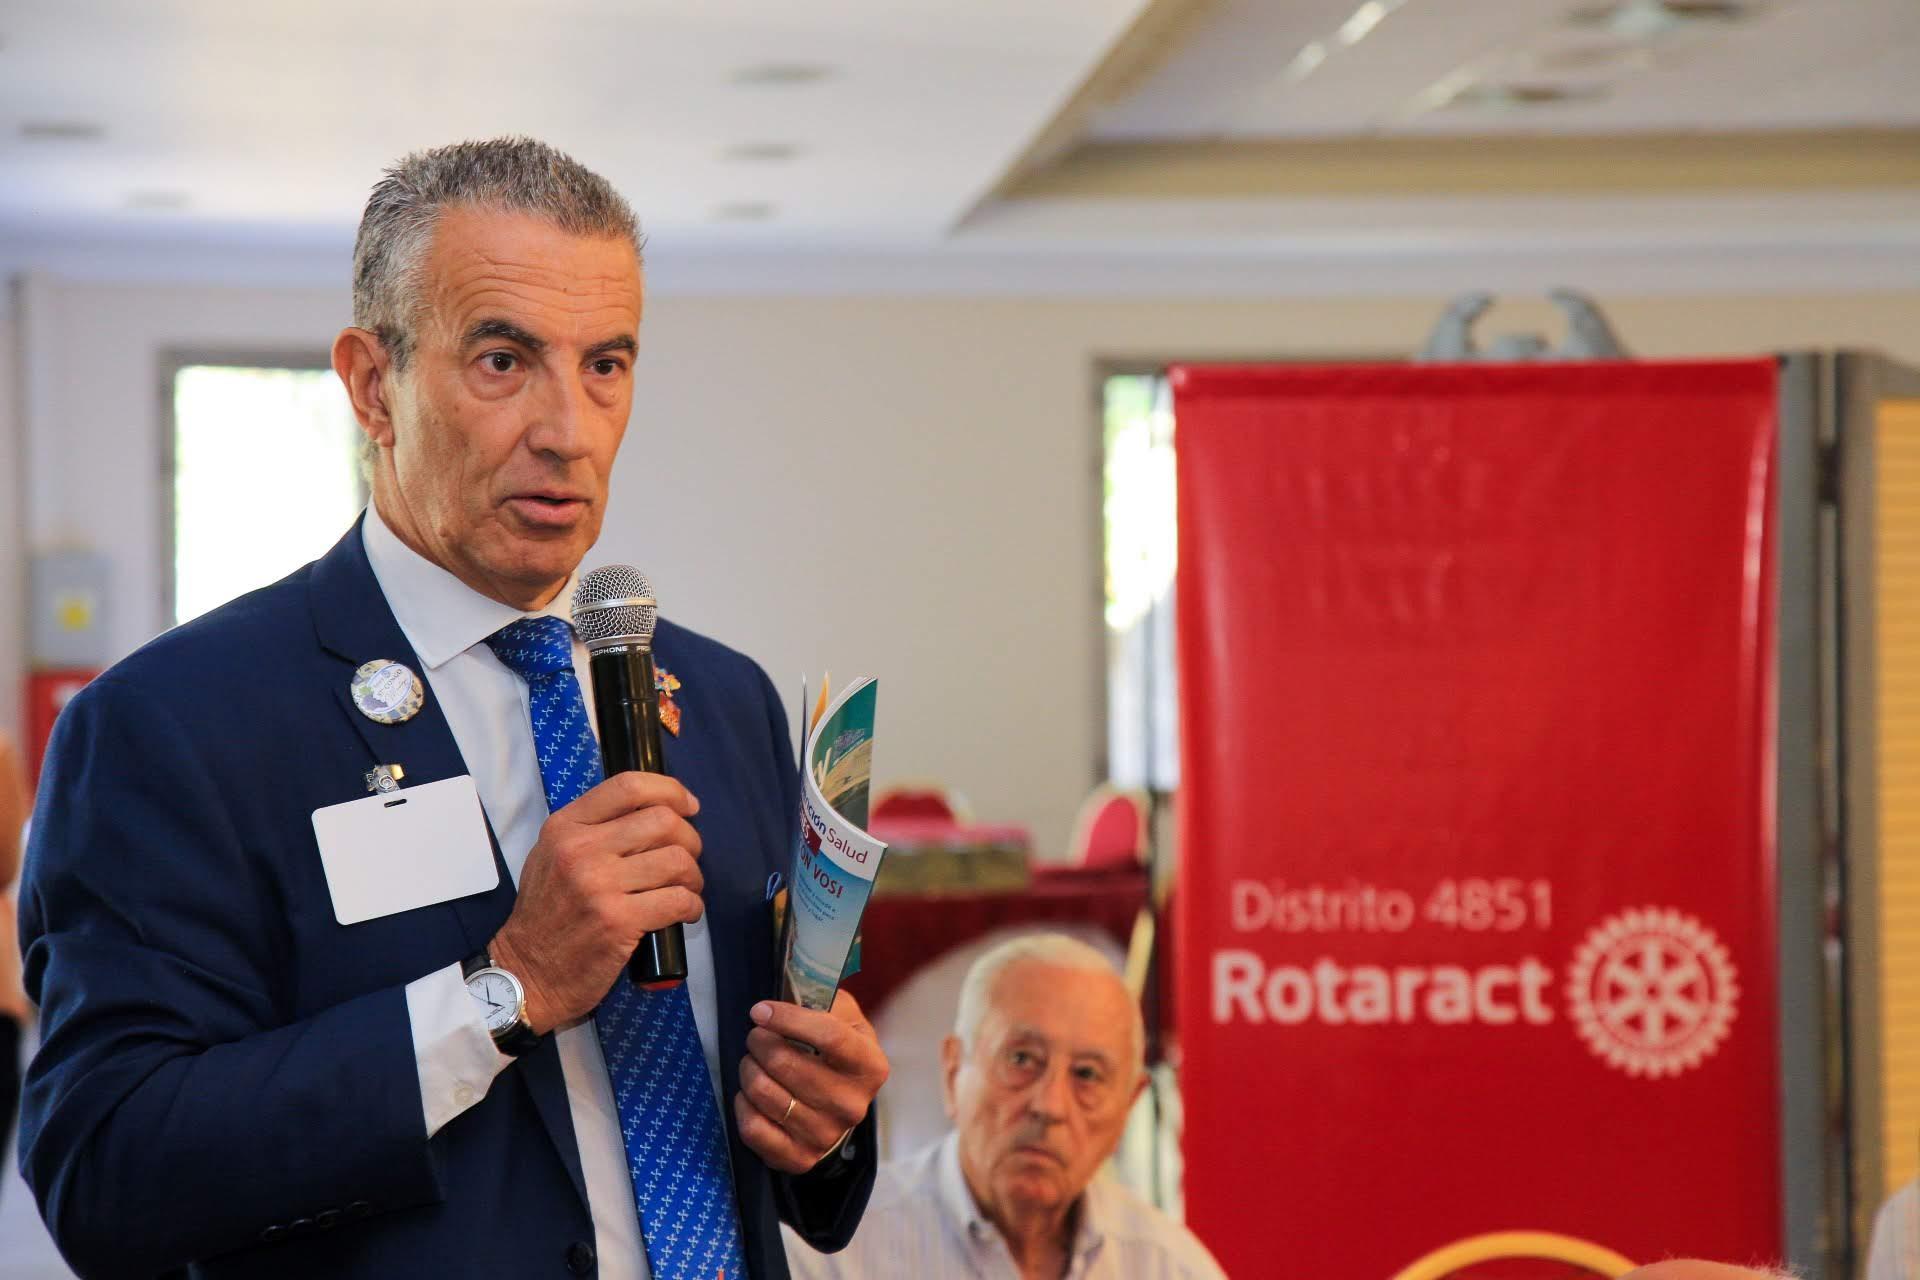 Nota con el Gobernador del Distrito 4851 Rotary Internacional